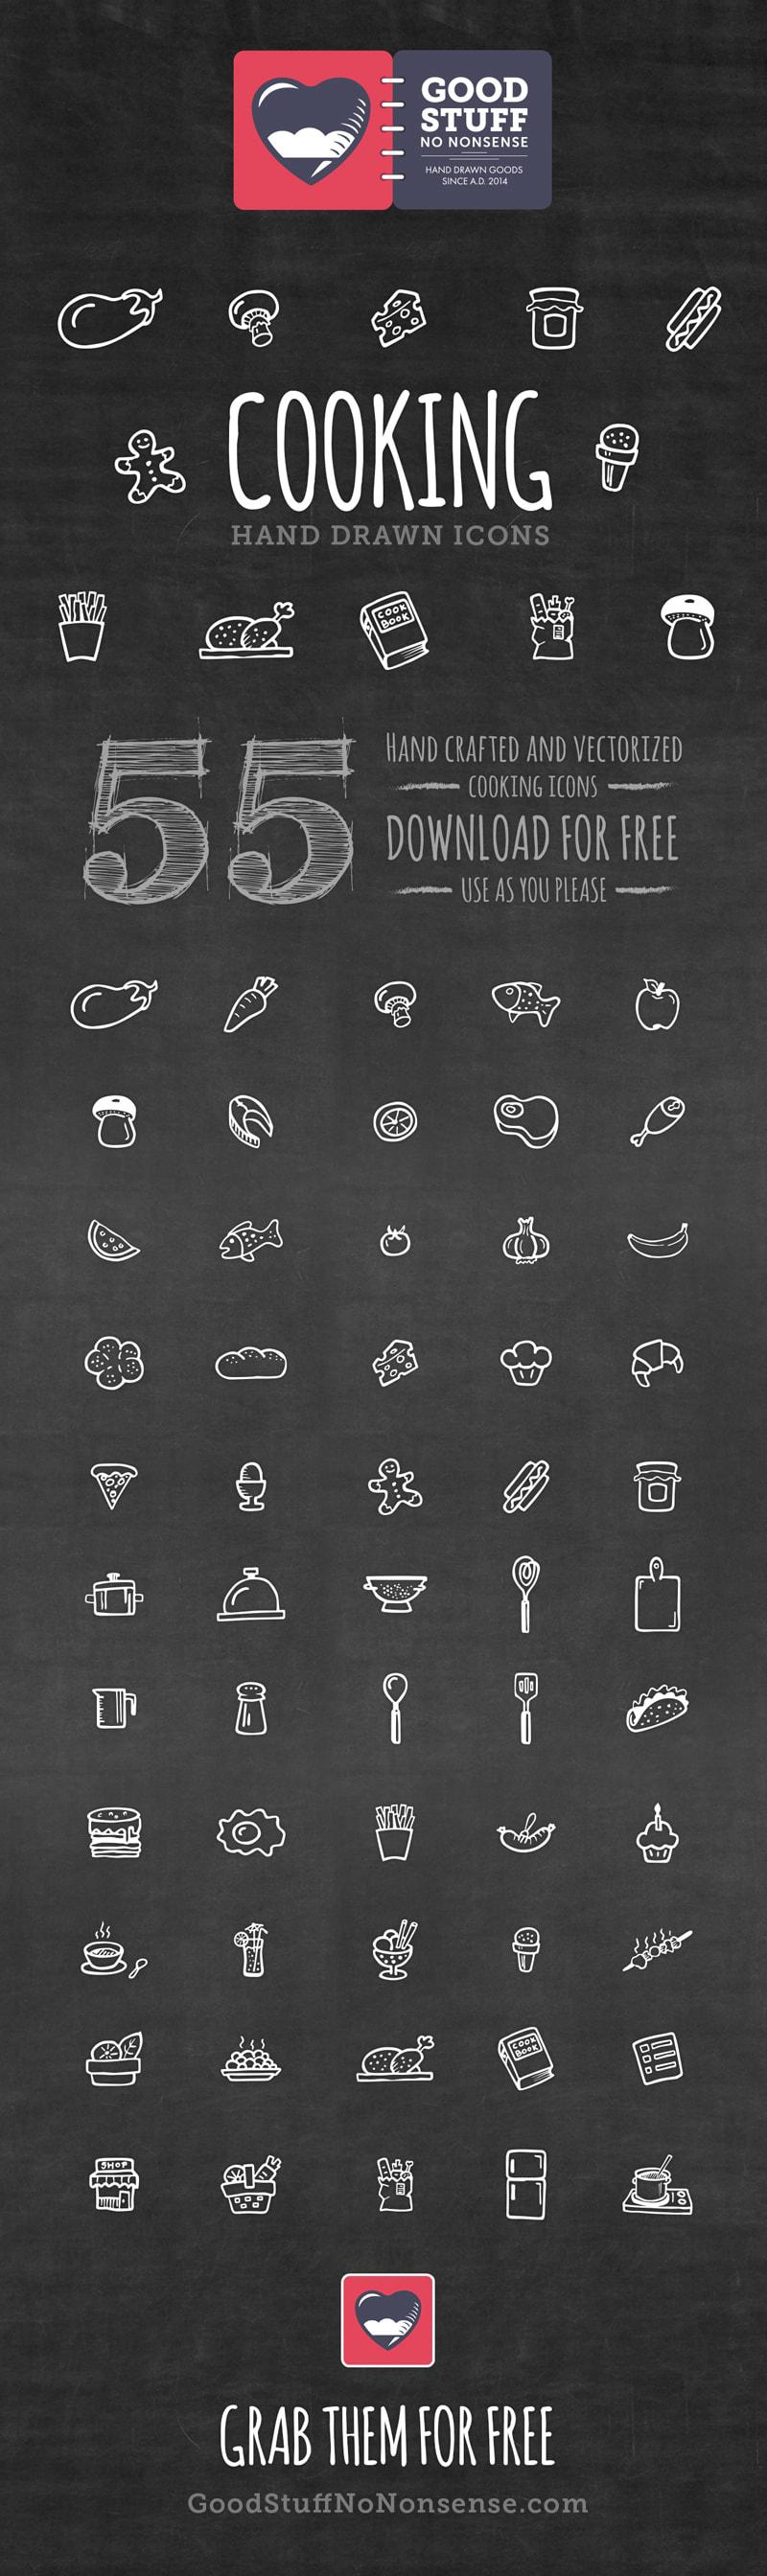 チョークで黒板に描いたような食べもののアイコン